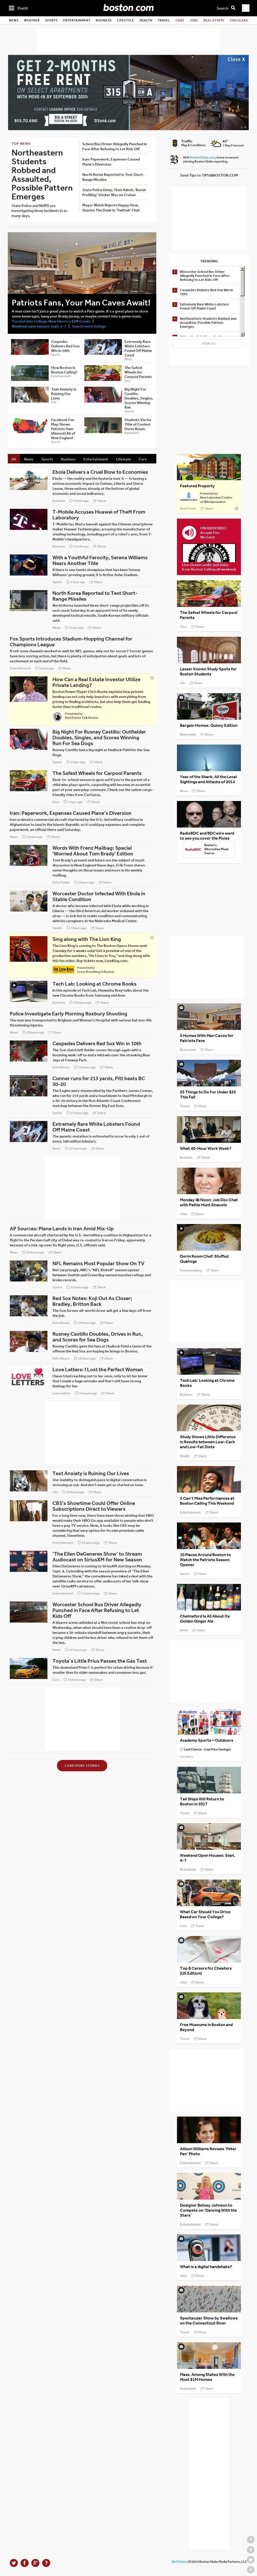 Boston.com at Saturday Sept. 6, 2014, 2:01 p.m. UTC